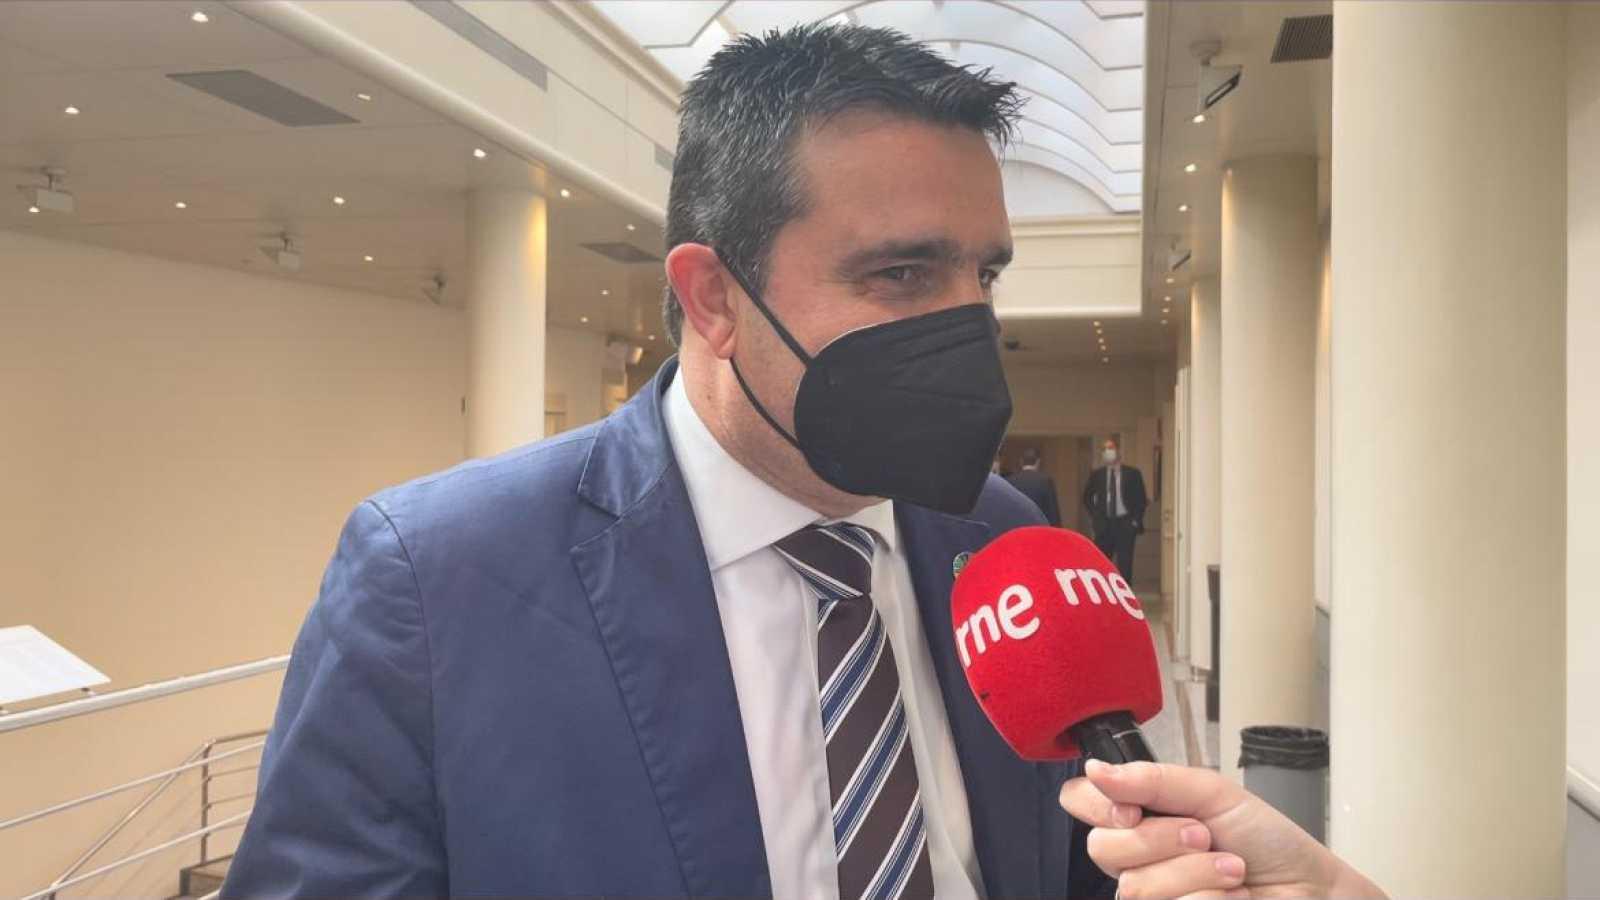 Parlamento Radio 5 -  El rincón: Amaro Huelva (PSOE) - Escuchar ahora